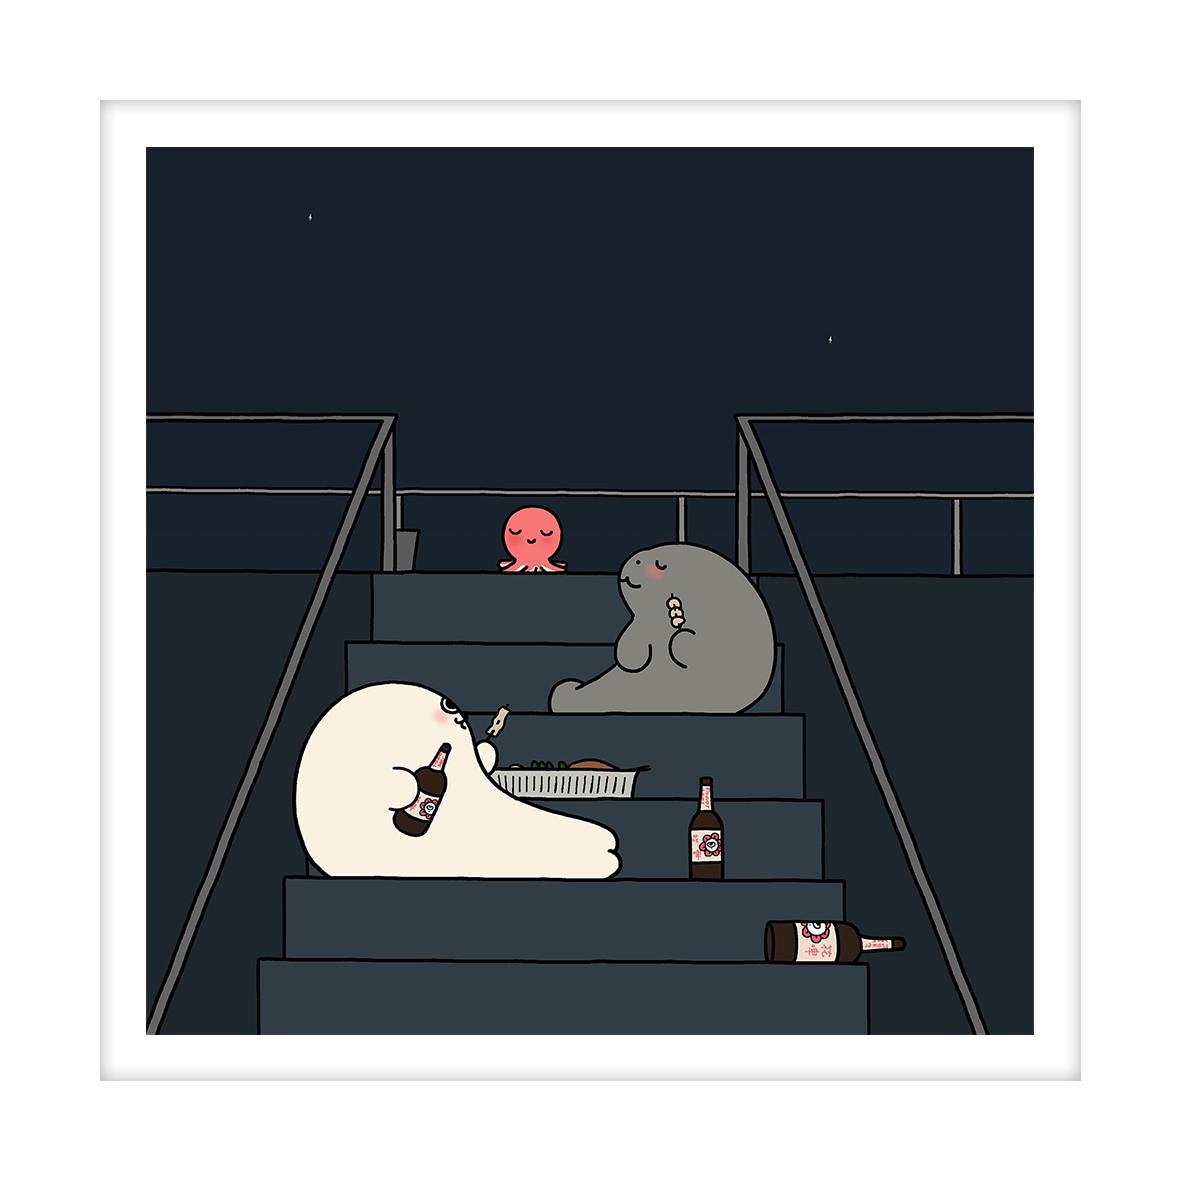 【王XX官方限量版画】小海豹系列|夏夜